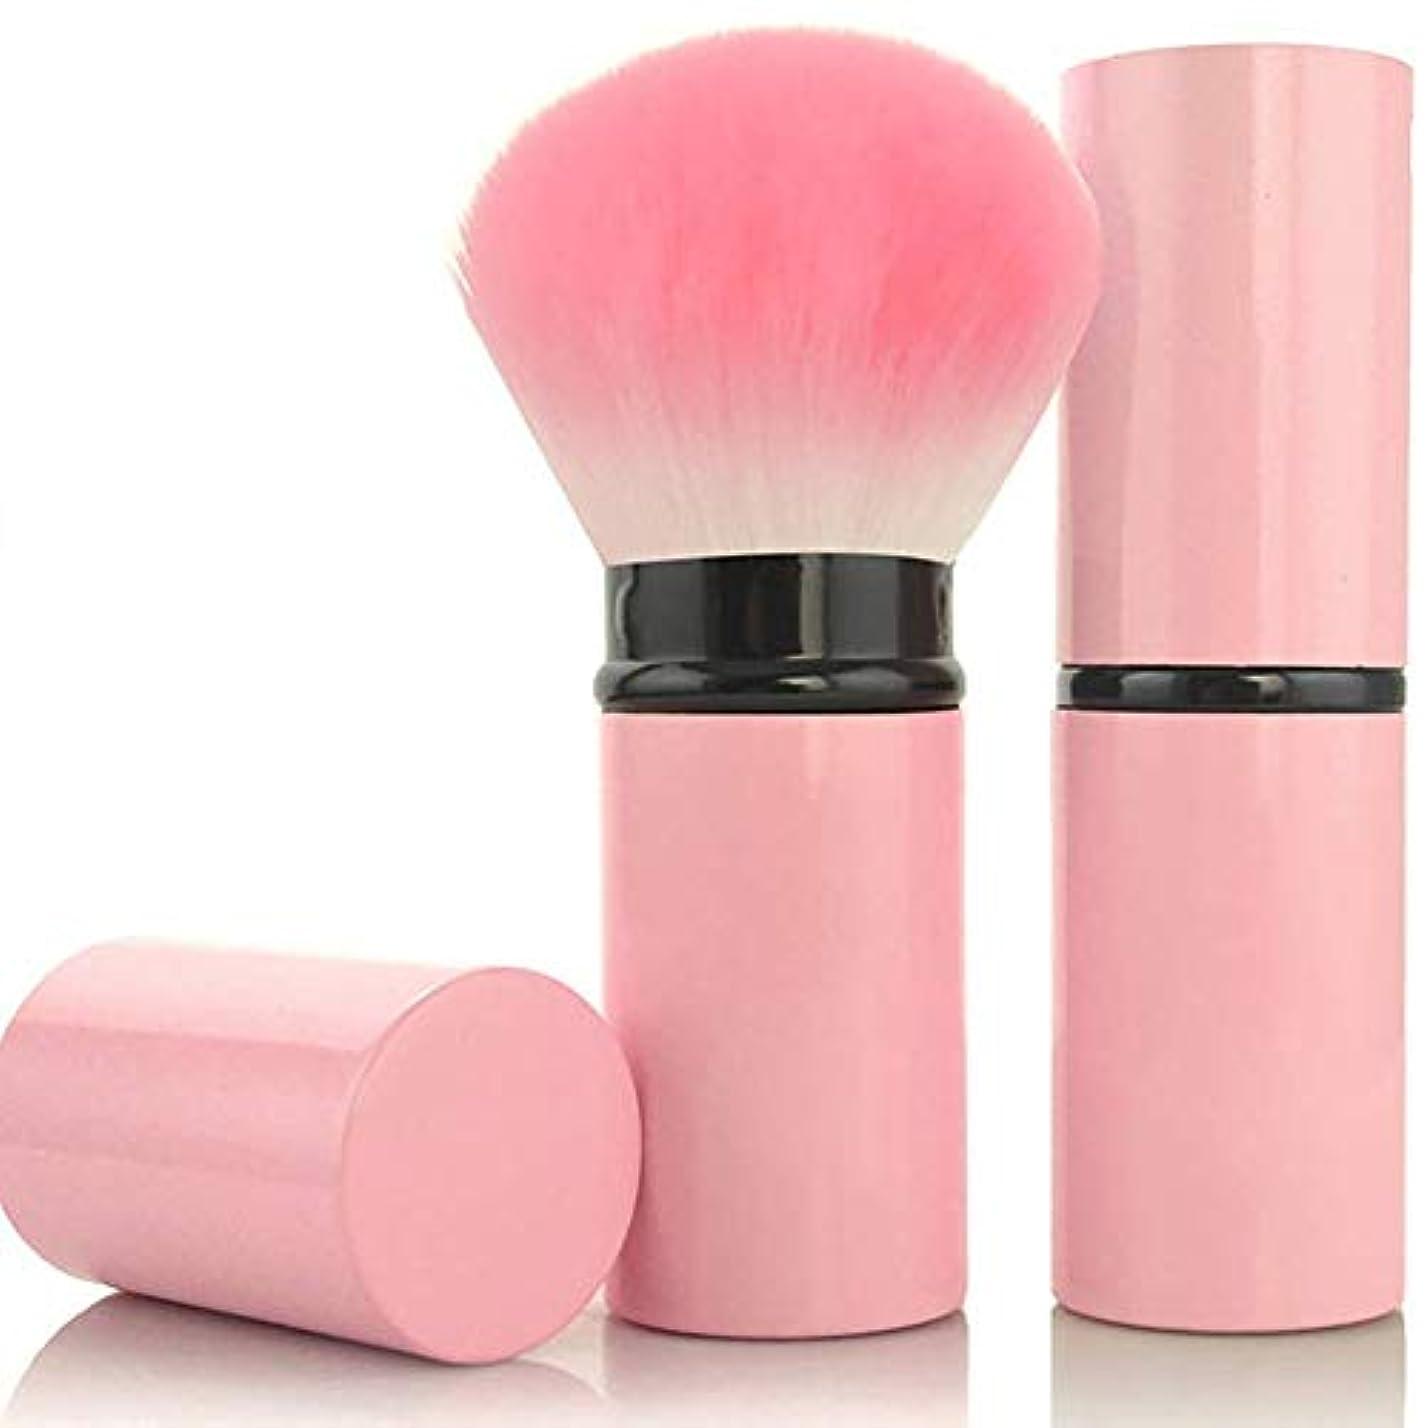 開拓者つぶやき処分したプロフェッショナルアングルロングミネラルフェイスルースパウダーブラッシャー化粧品メイクアップブラシ (Color : Pink)